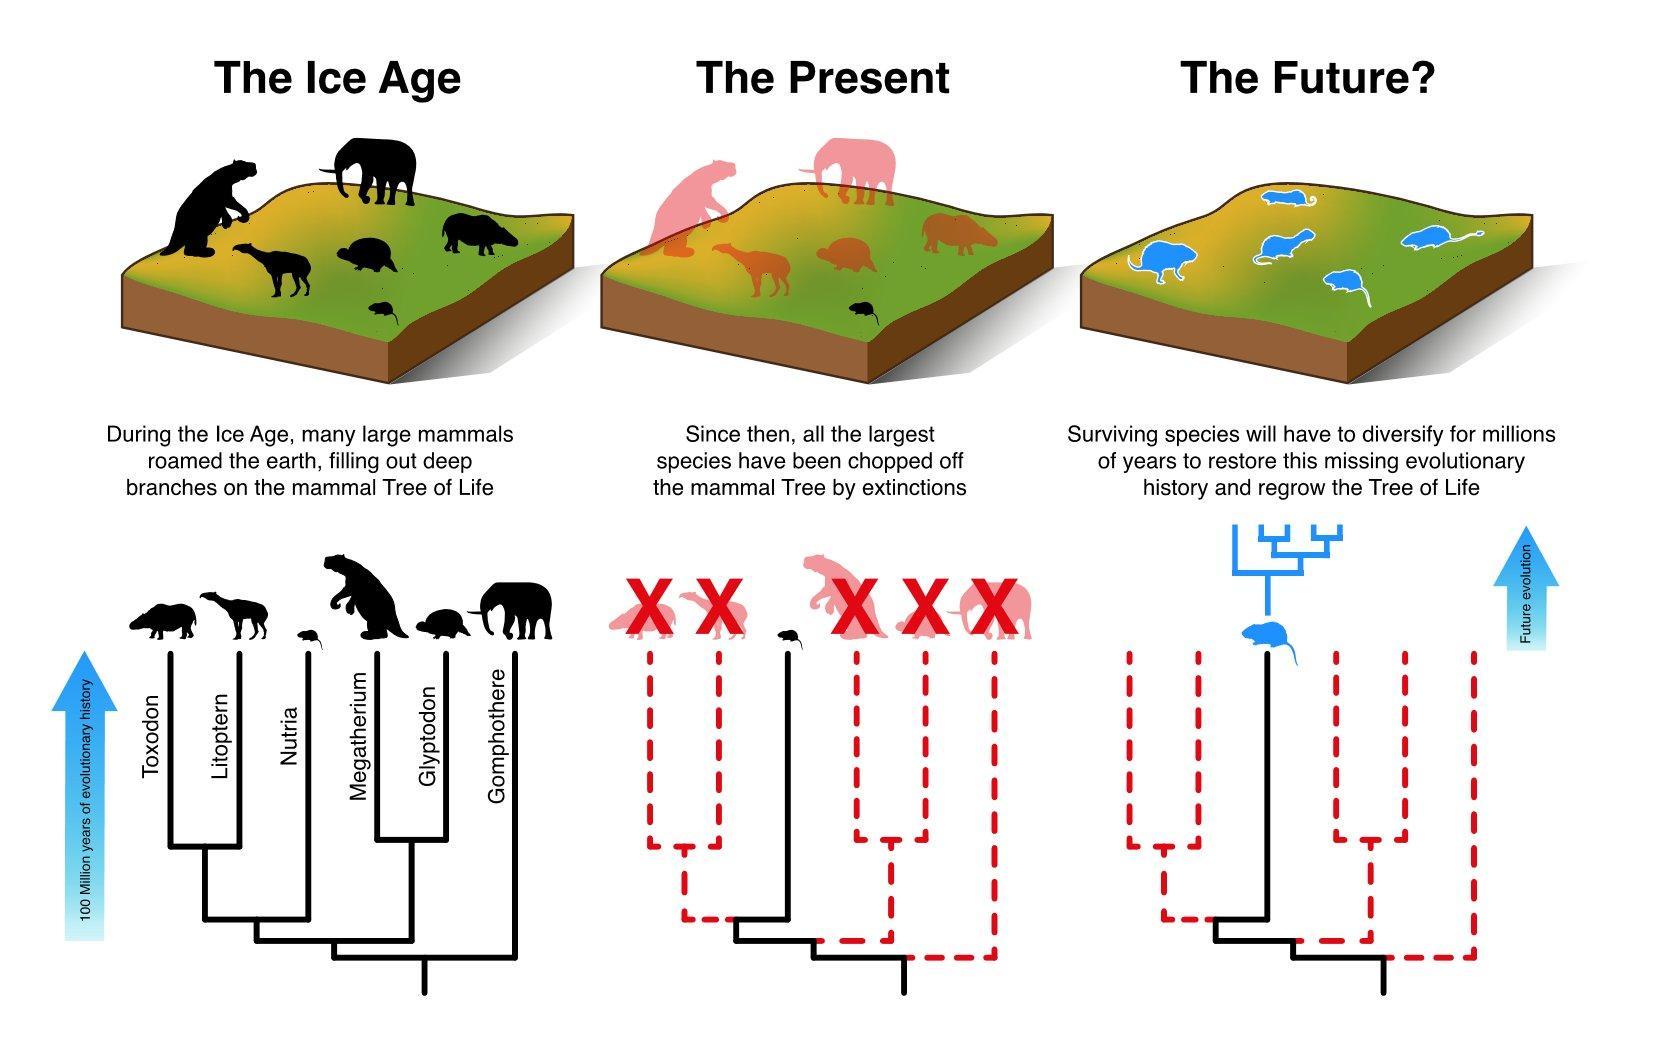 Млекопитающим понадобятся миллионы лет на восстановление после антропоценового вымирания